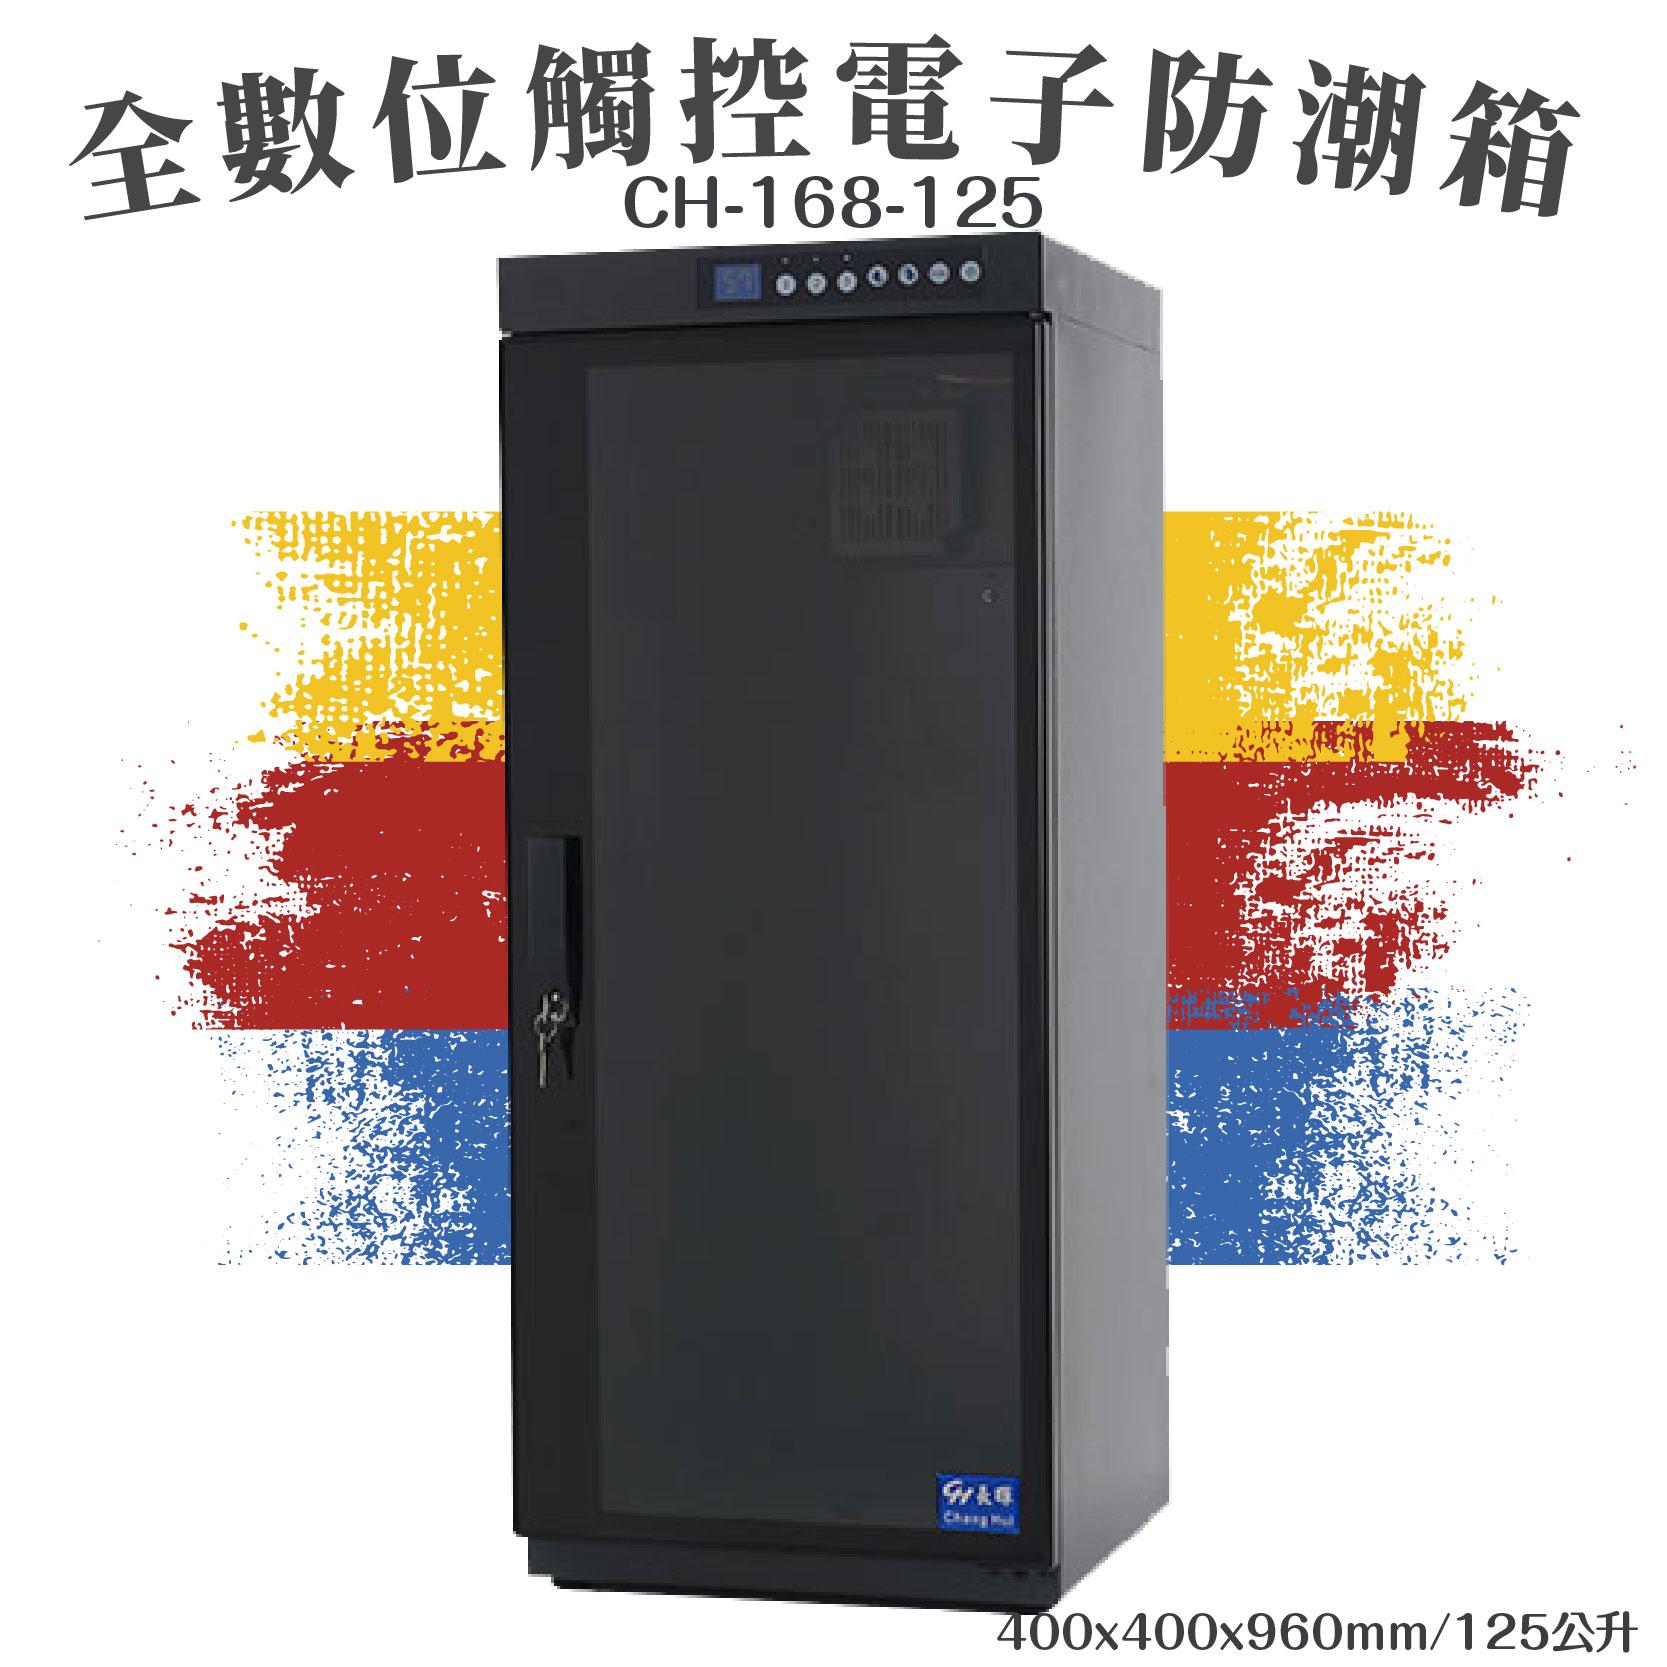 台灣製 全數位觸控電子防潮箱 125公升 CH-168-125 防潮 防霉 單眼 鏡頭 電器用品 乾燥食品 收藏